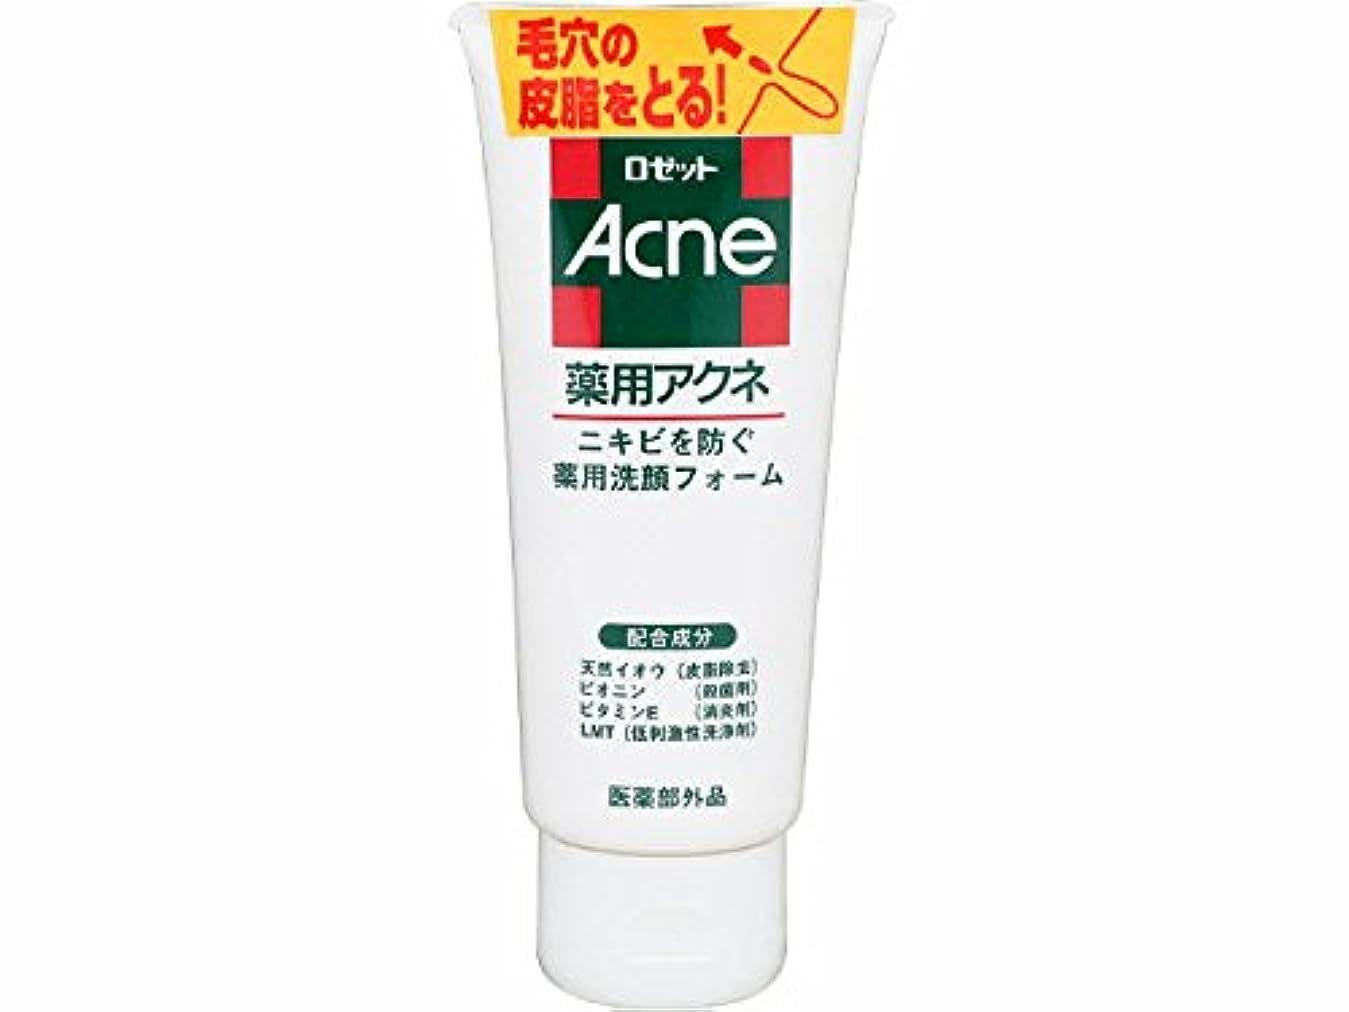 セントカメ溶接ロゼット 薬用アクネ 洗顔フォーム 130g 医薬部外品 ニキビを防ぐ洗顔フォーム×48点セット (4901696105115)